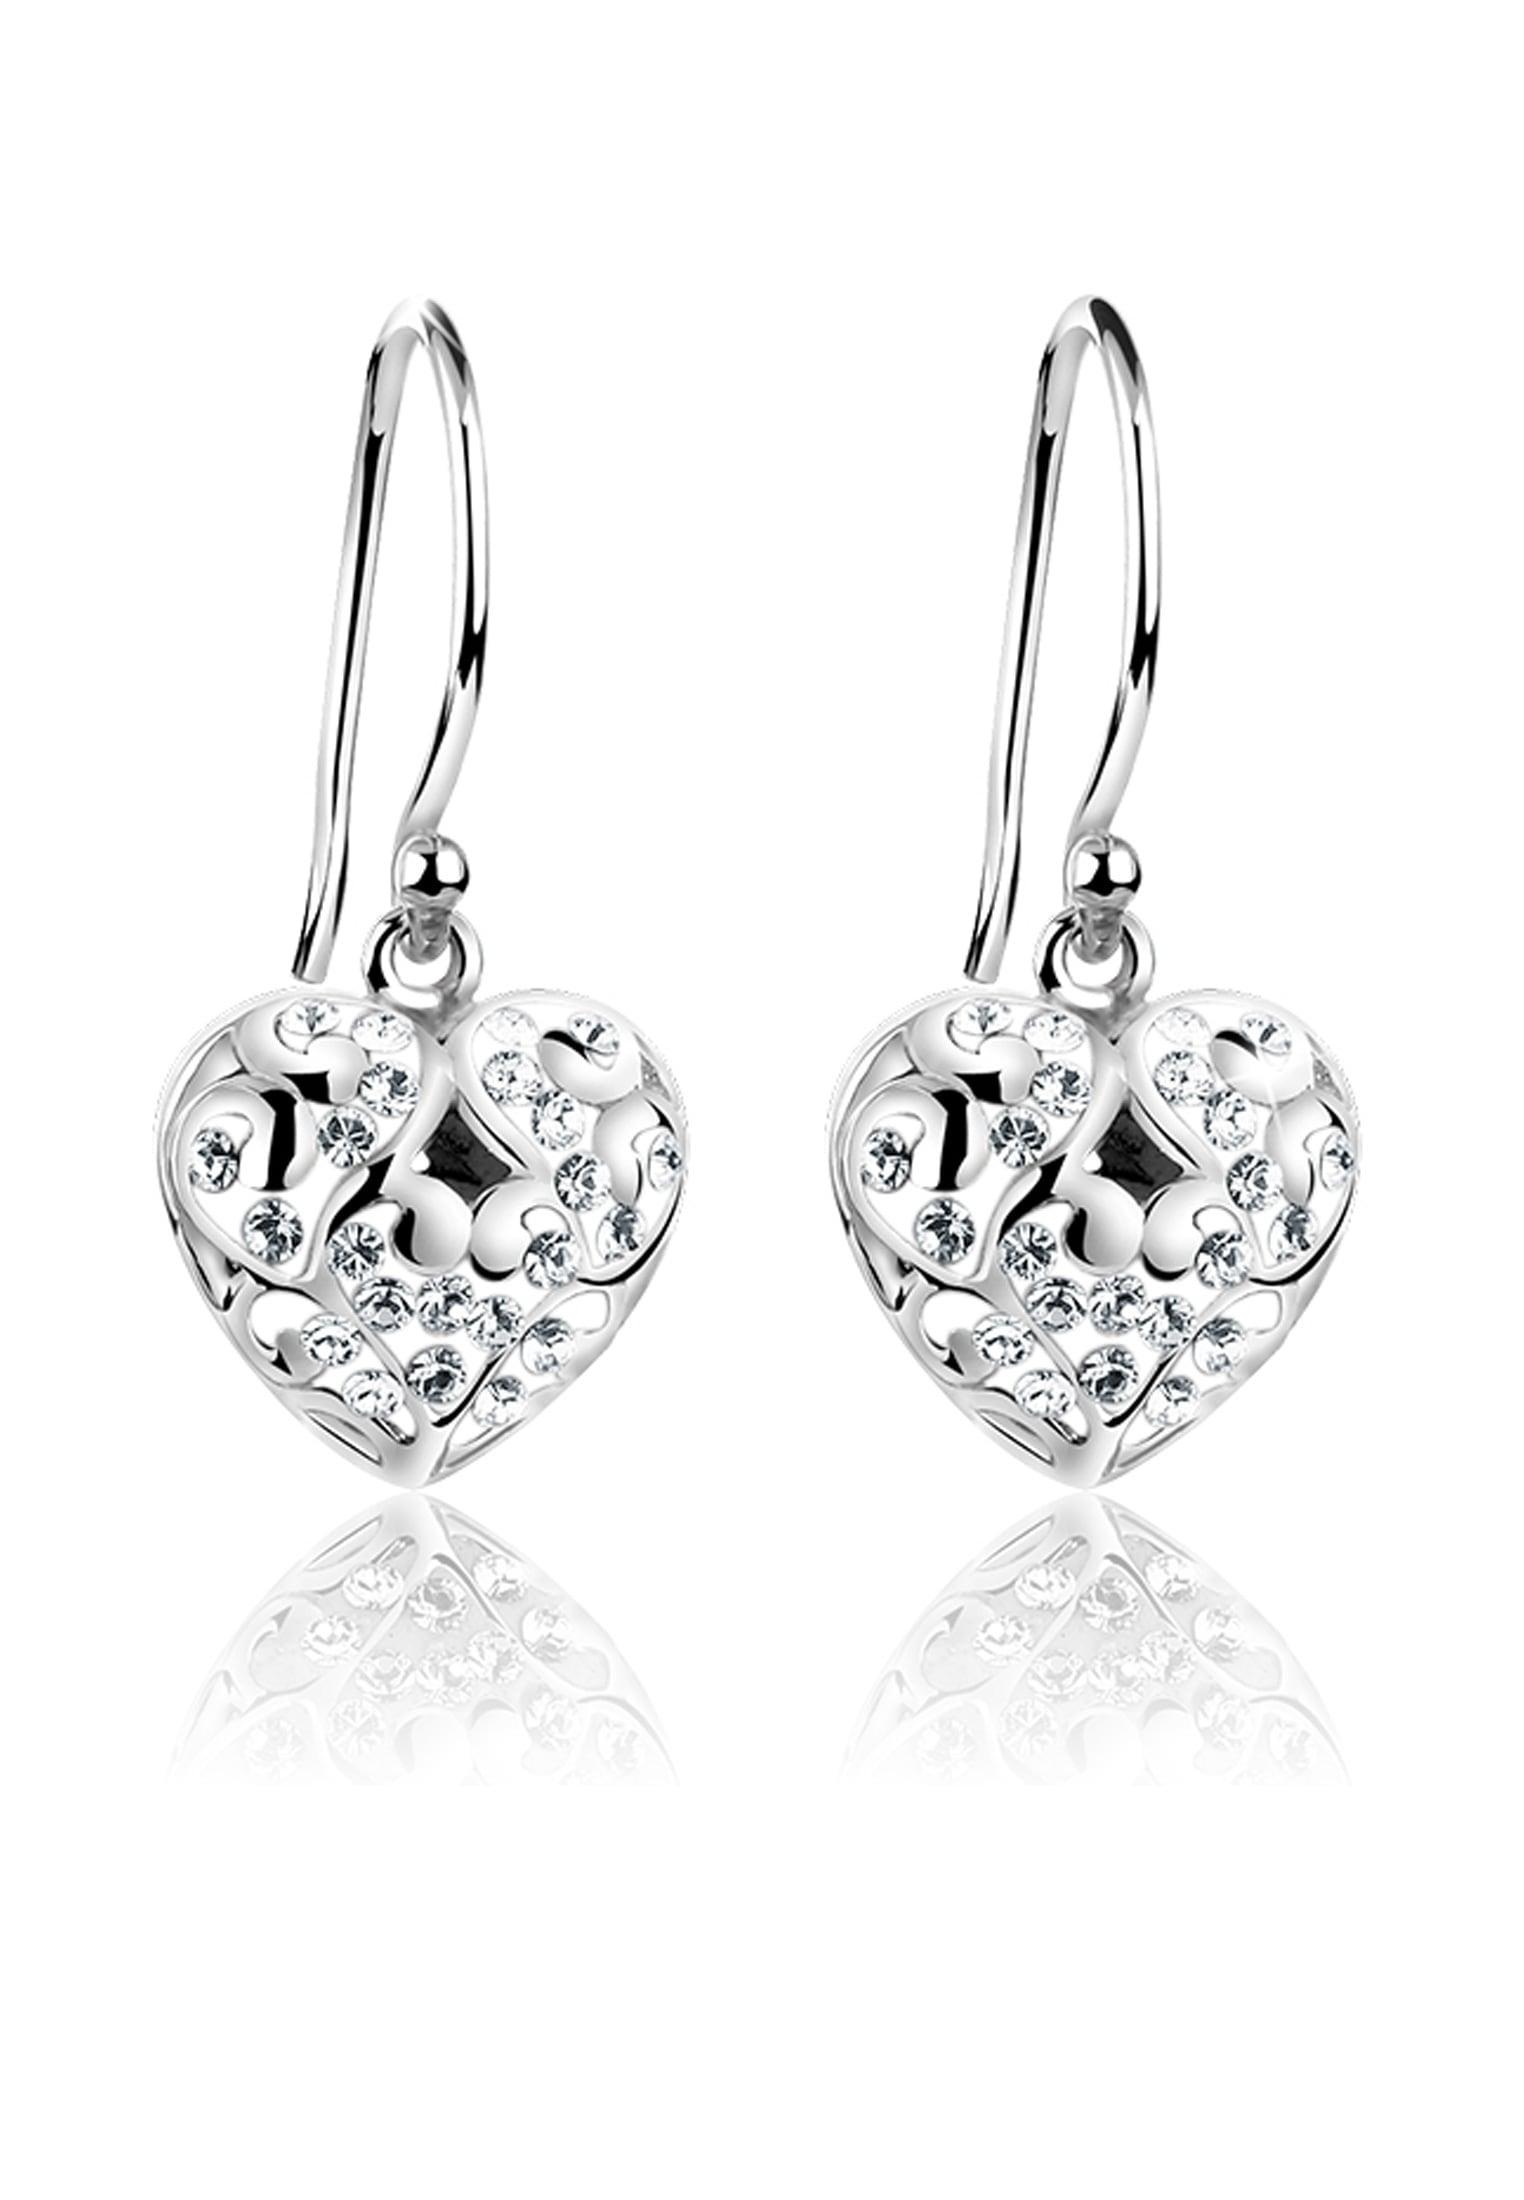 Ohrhänger Silber 925  mit ORIGINAL SWAROVSKI Kristalle Herz